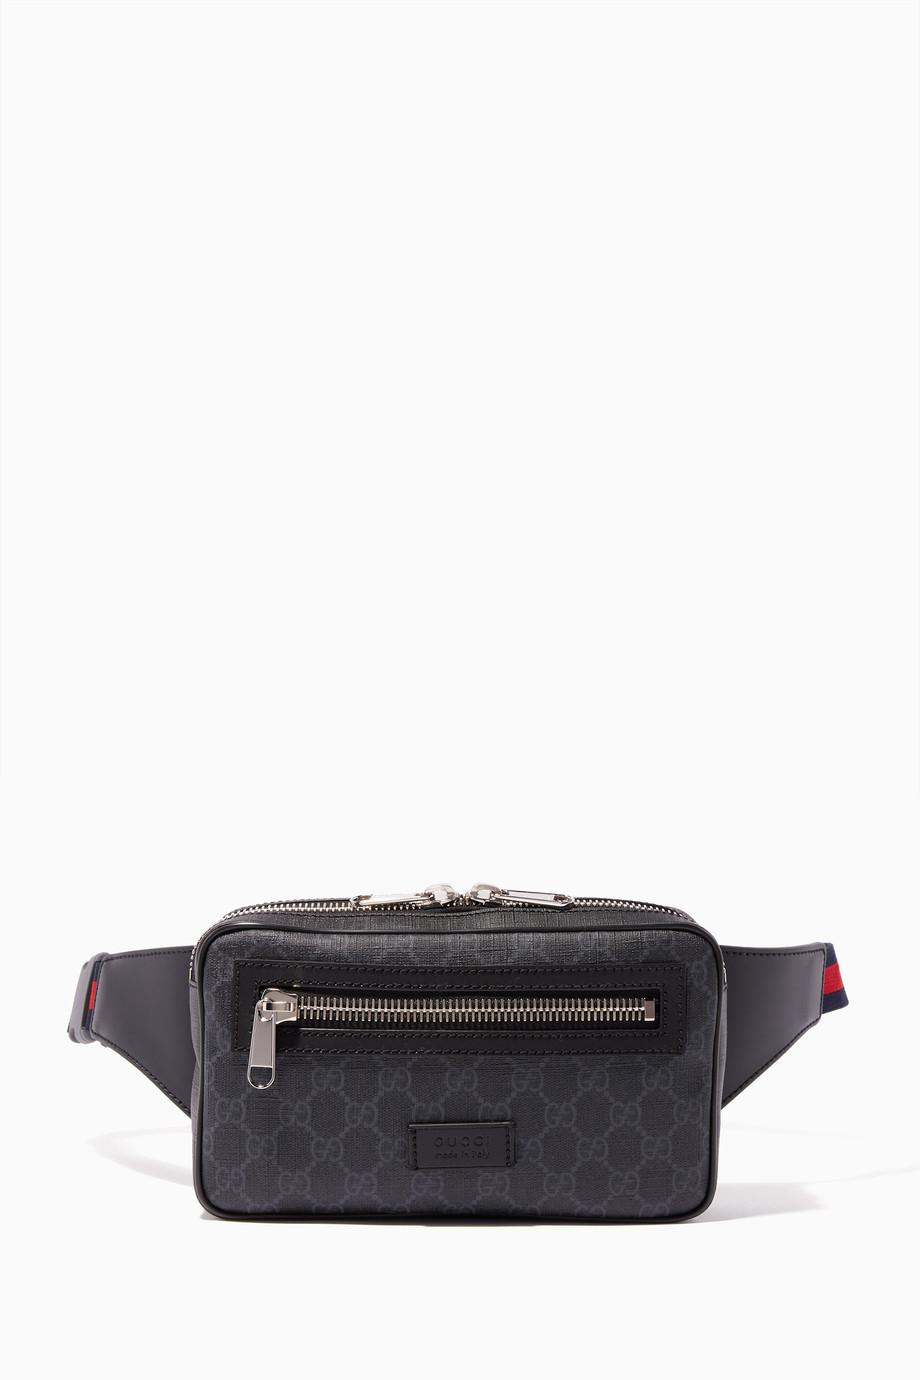 ce6bfb2fb20 Shop Gucci Black Black   Grey GG Supreme Belt Bag for Men